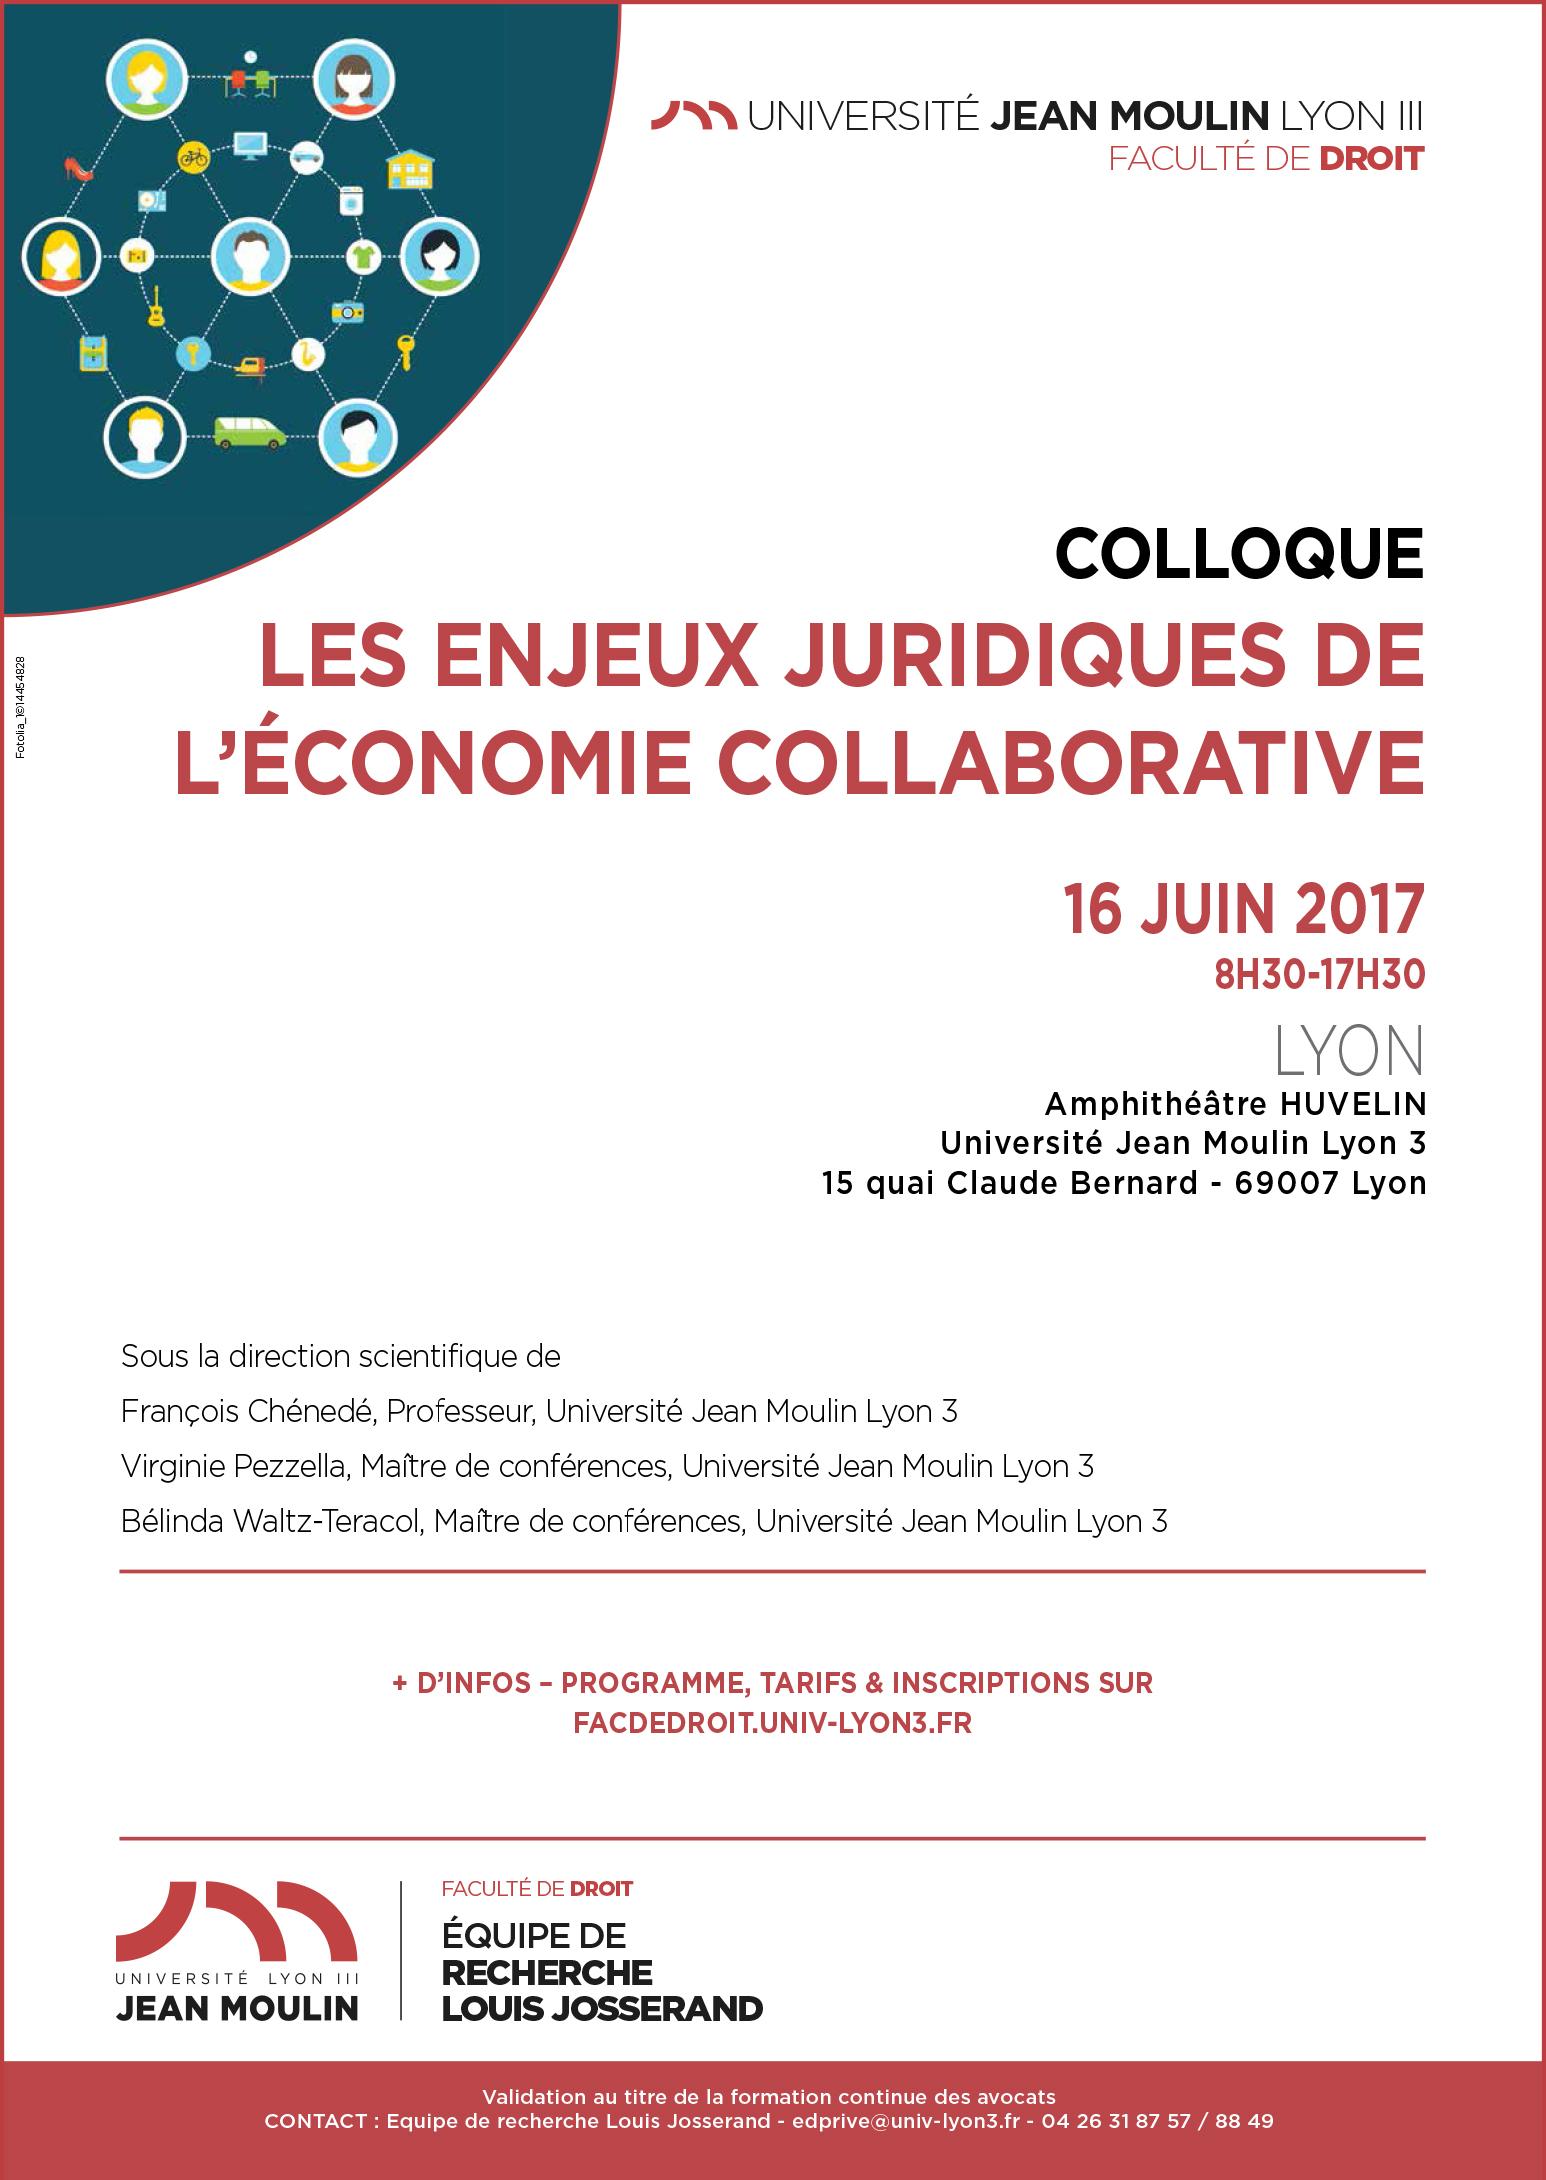 Affiche Les enjeux juridiques de l'économie collaborative 16 juin